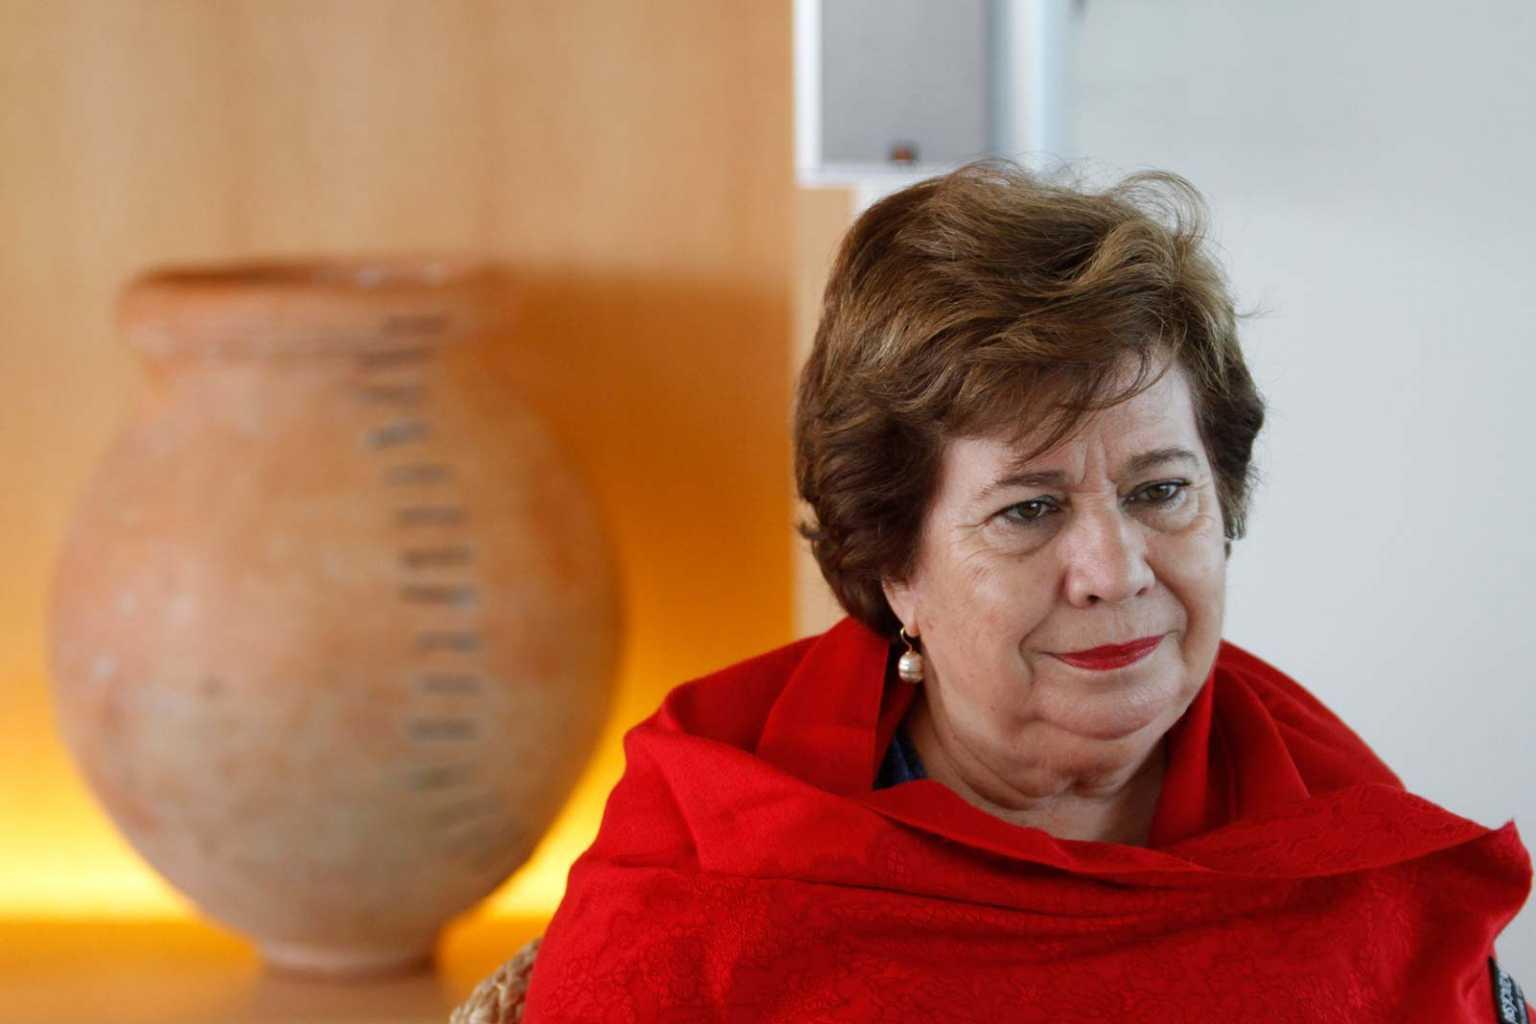 María Luisa Cava de Llano, miembro del Consejo de Estado. D. I.